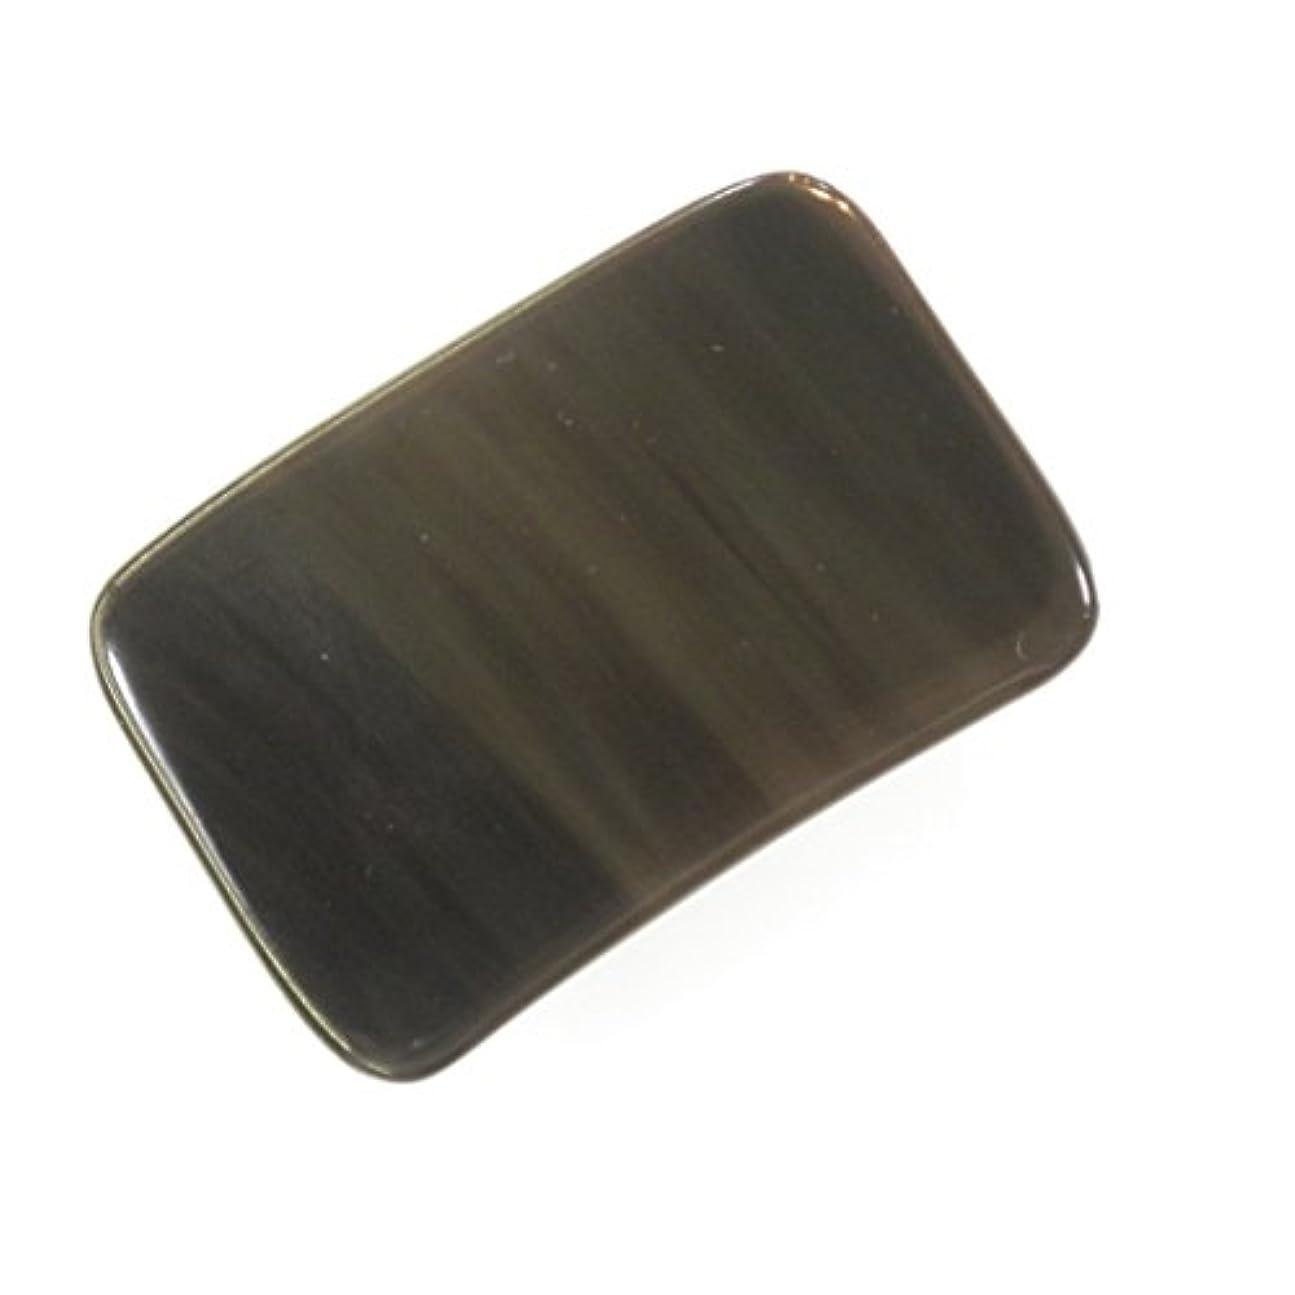 ランダムラボファランクスかっさ プレート 厚さが選べる 水牛の角(黒水牛角) EHE214 長方形小 一般品 少し厚め(7ミリ程度)